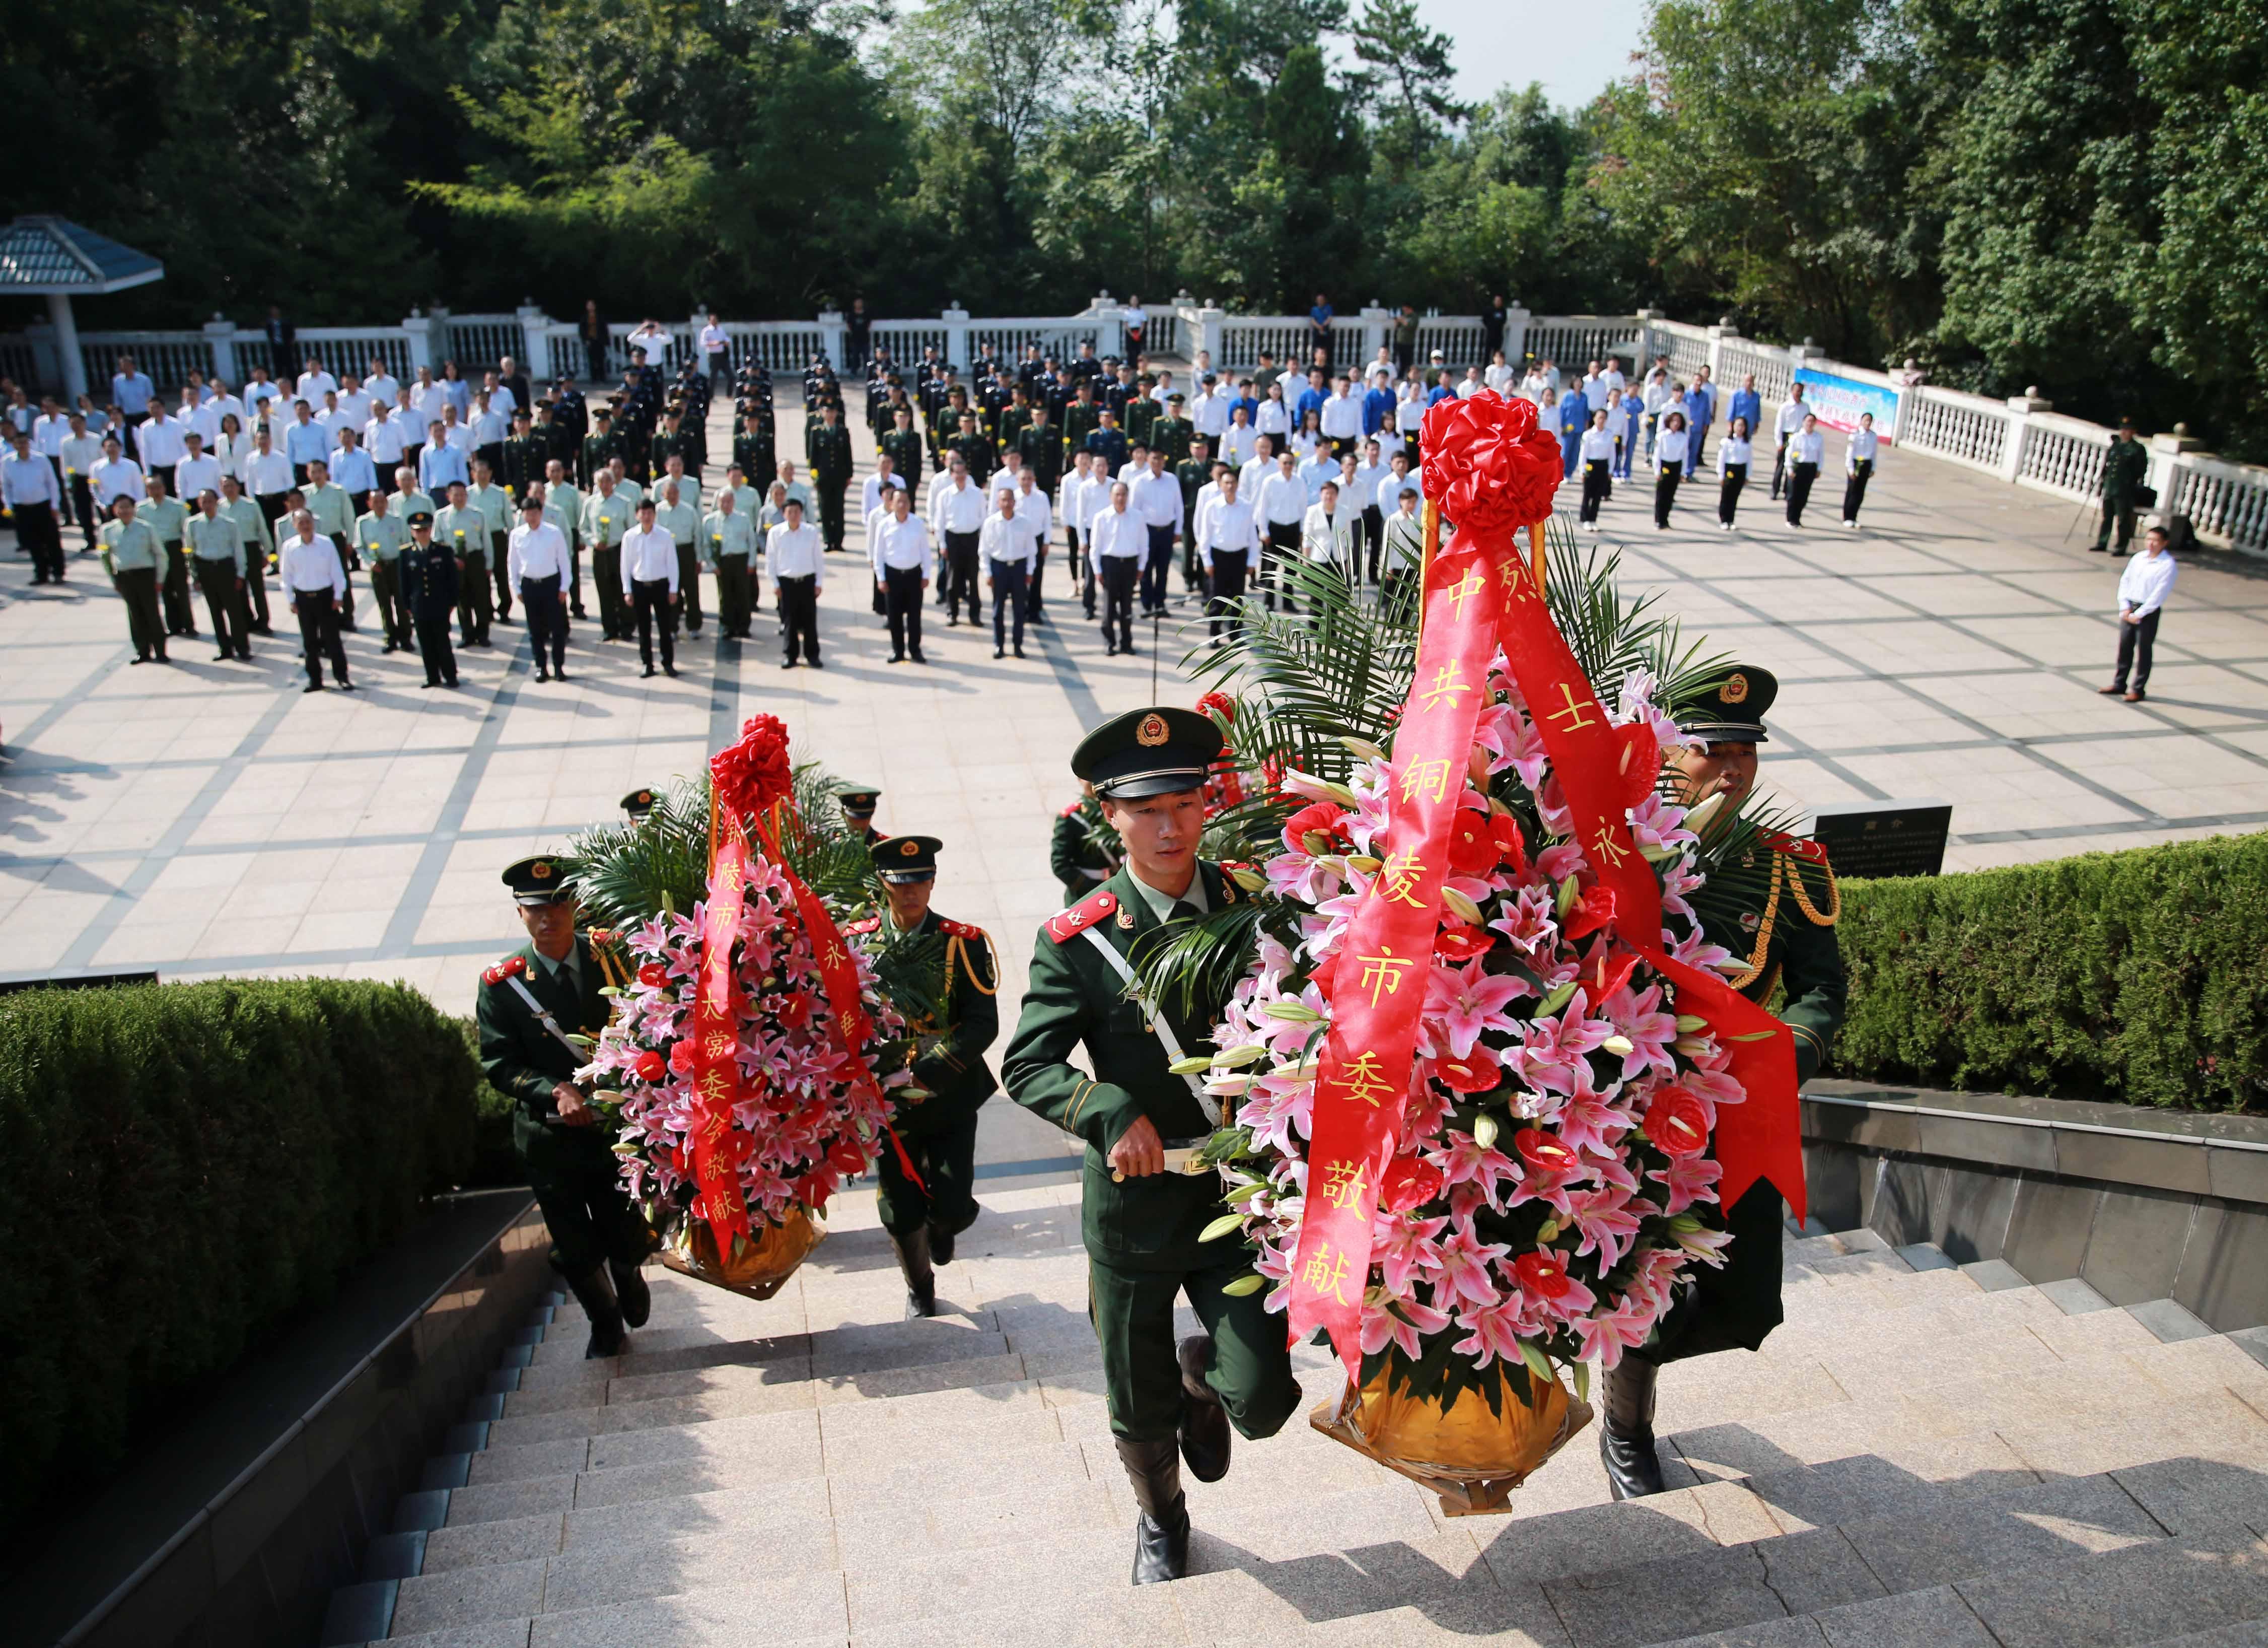 铜陵文明网:铜陵举行烈士纪念日向烈士敬献花篮仪式